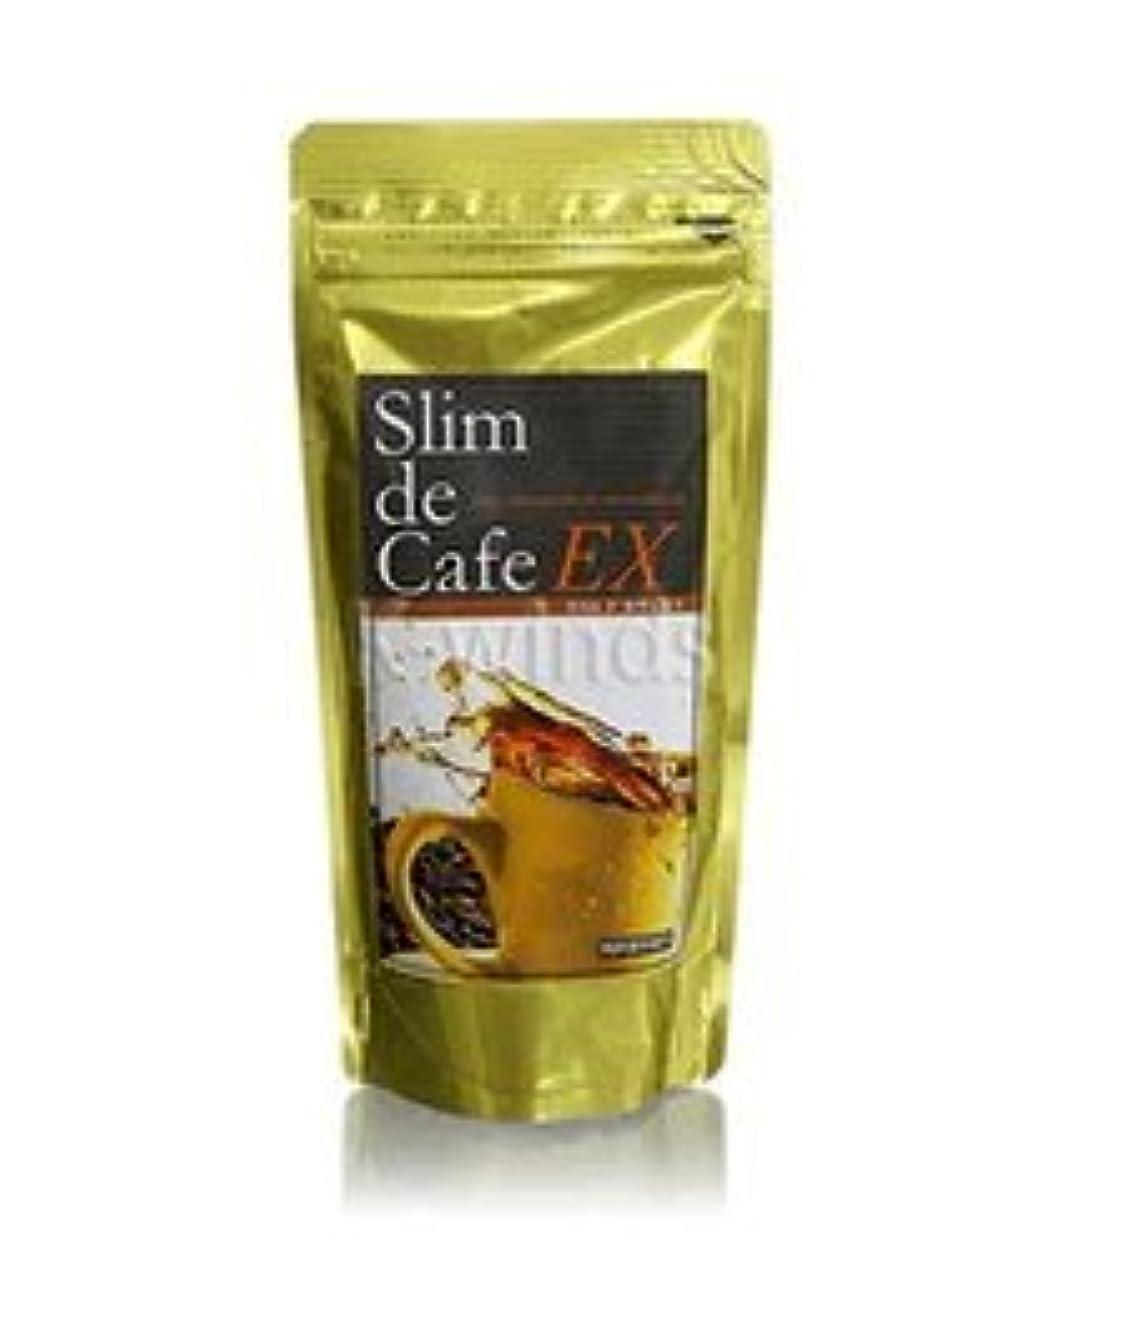 前尾粘り強いスーパー ダイエット コーヒー スリムドカフェEX